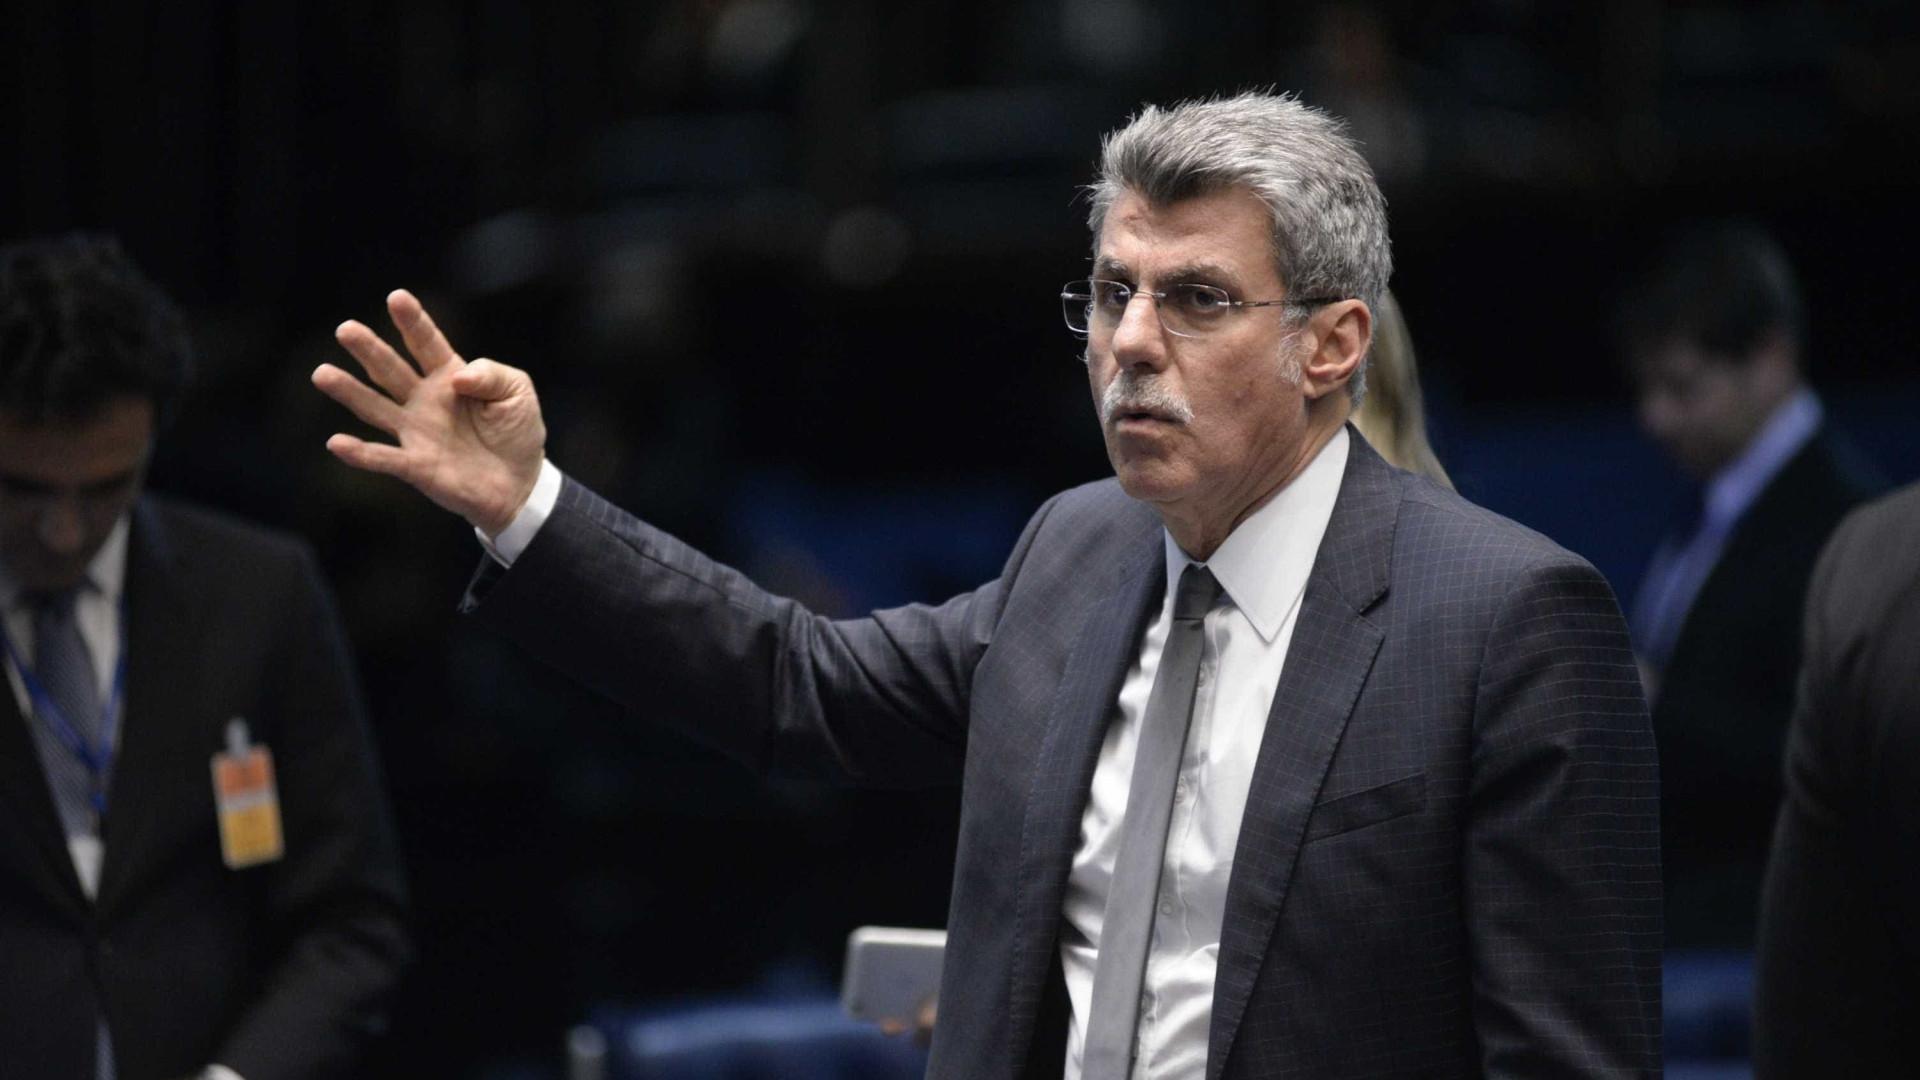 Jucá defende mudanças na reforma trabalhista via MP